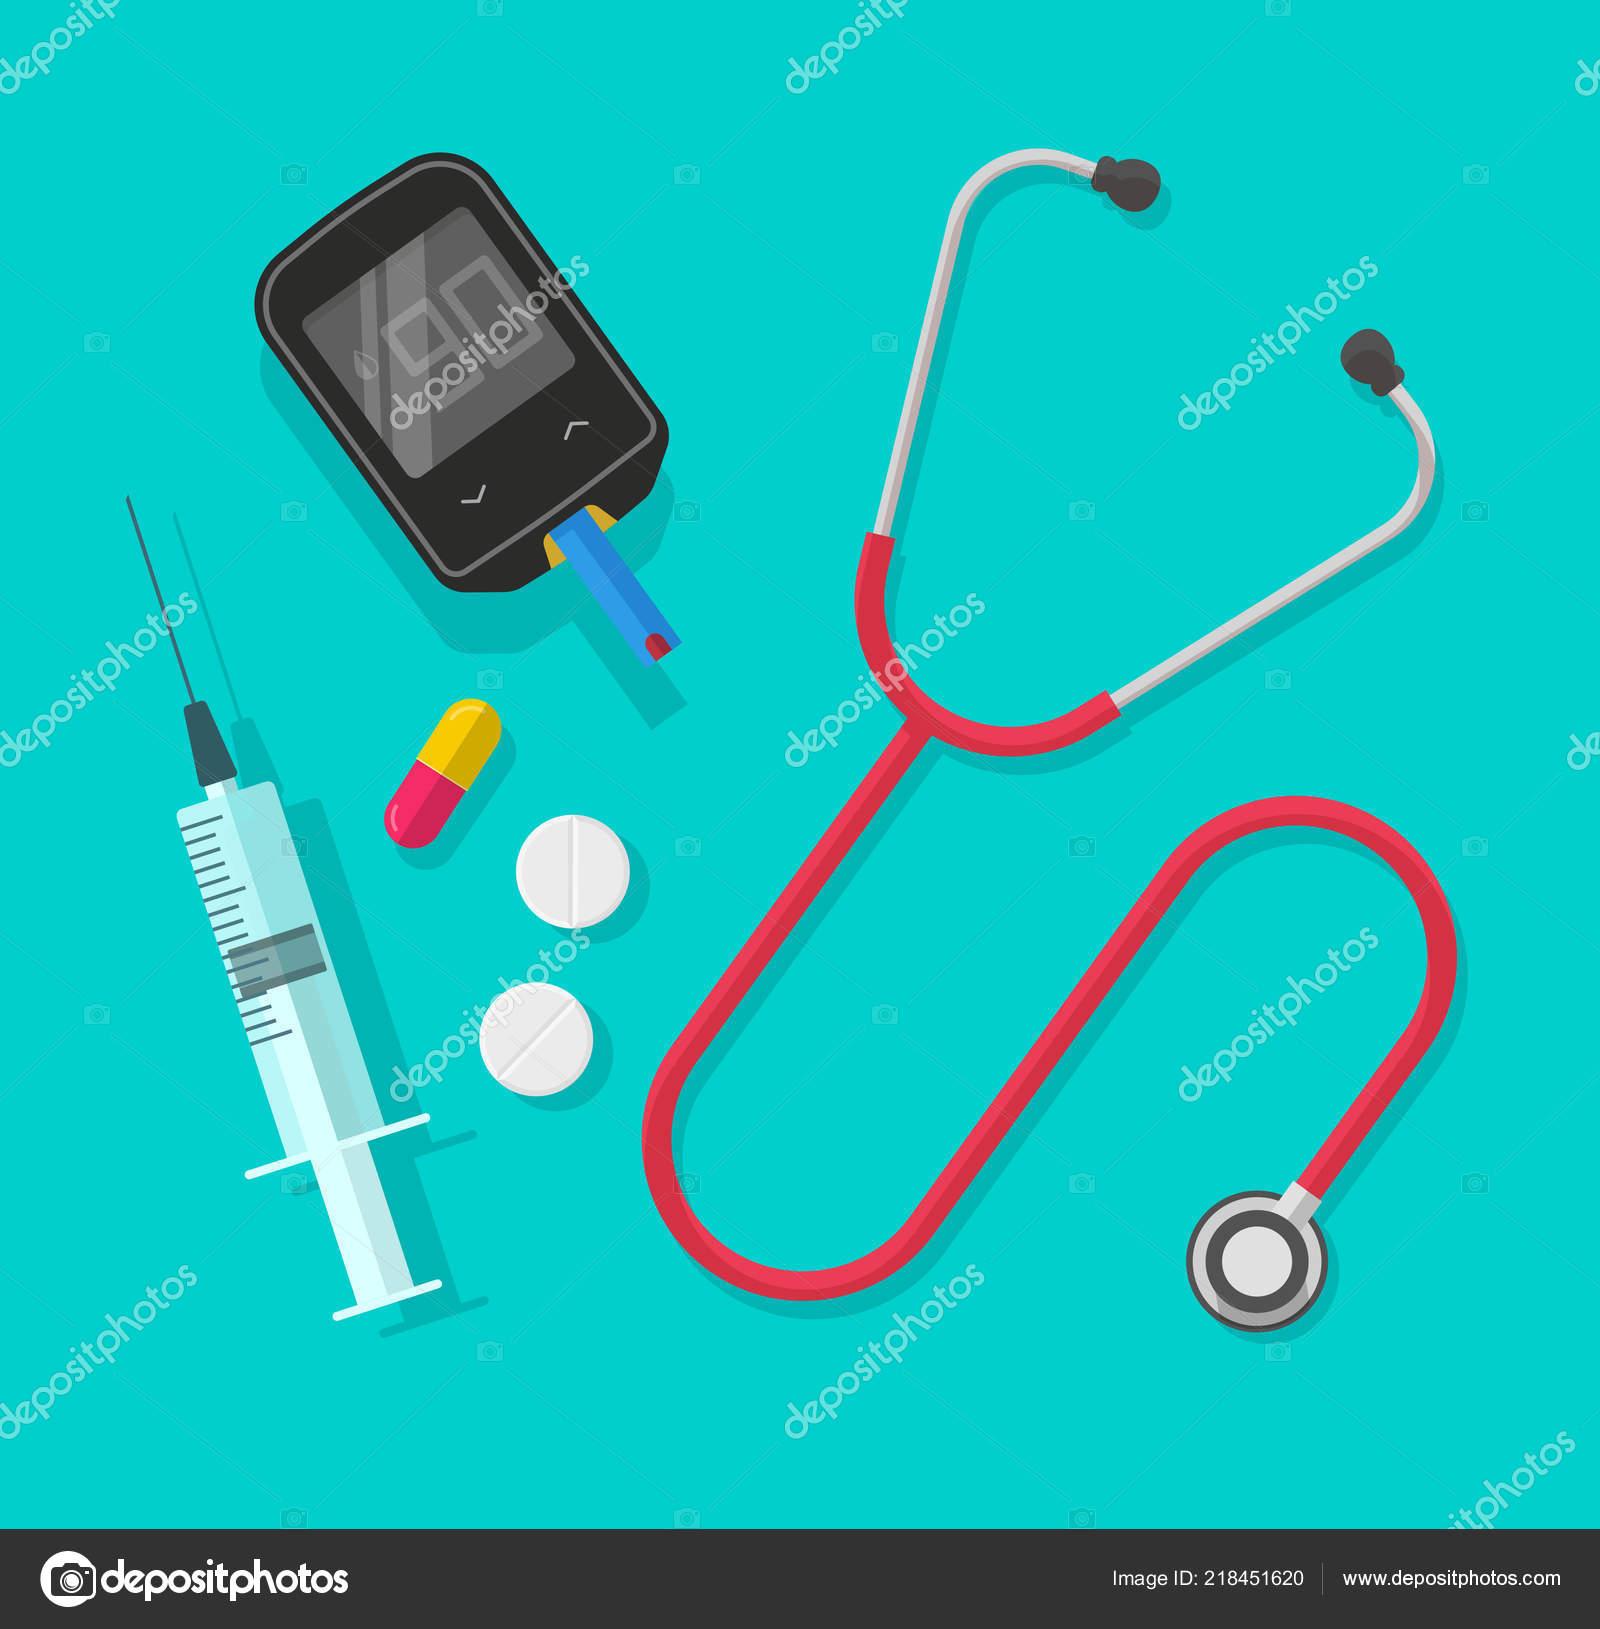 Clipart Doctor Tools Clip Art Medical Instruments